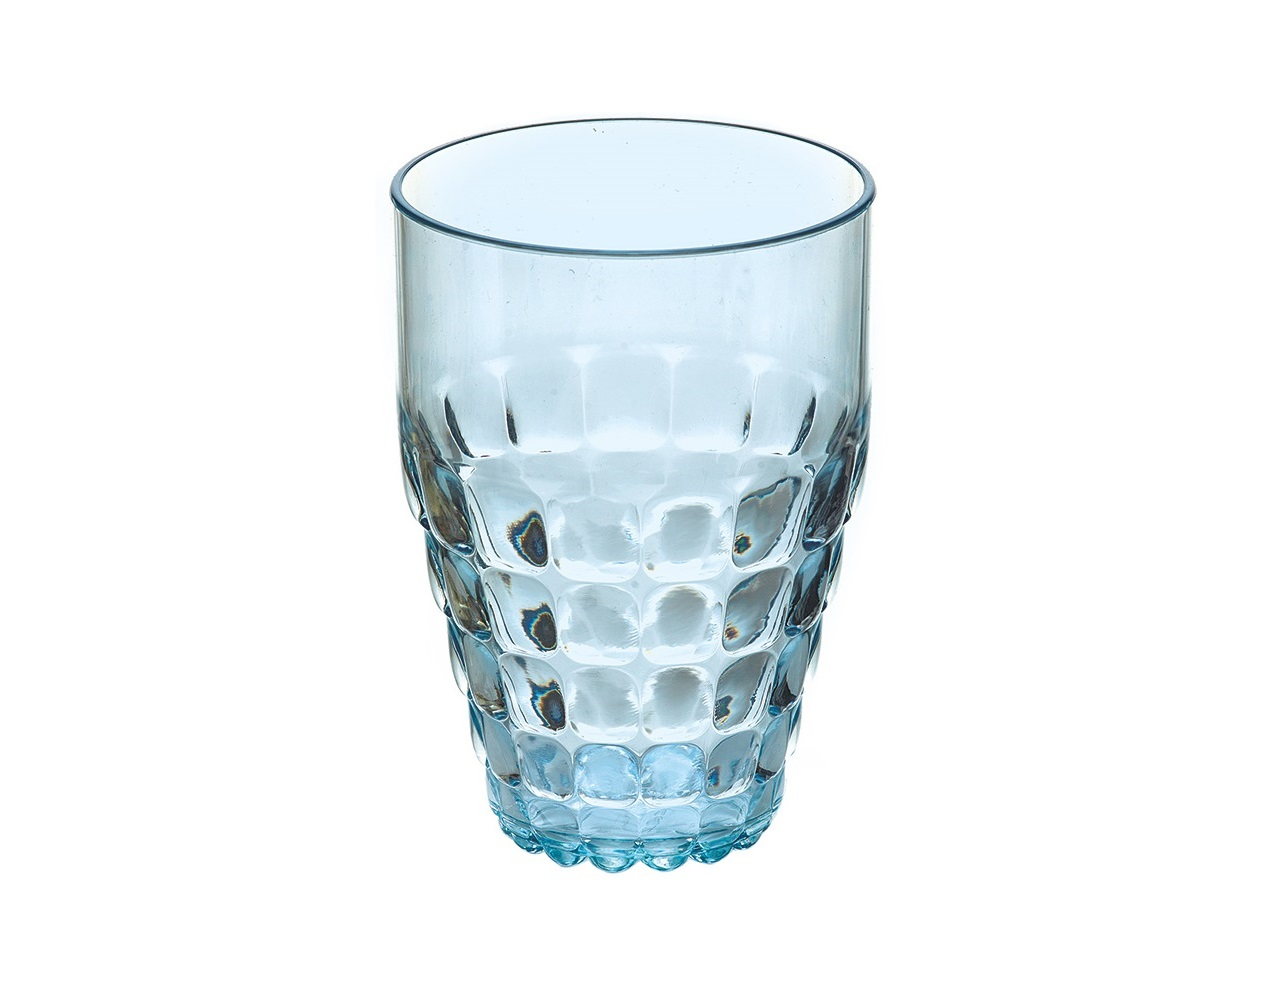 Набор бокалов Tiffany (6шт)Бокалы<br>Легкий и яркий дизайн бокалов Tiffany будто намекает на освежающие лимонады, бодрящие соки и цитрусовые коктейли. Отличается конической формой и прозрачным материалом, который придает бокалам характерный блеск. Сверкающий эффект усиливается на солнечном свету, поэтому набор бокалов станет отличным решением для подачи напитков на свежем воздухе. Идеально подойдет для использования каждый день - добавит яркий акцент пространству кухни или гостиной. Изготовлены из высококачественного органического стекла, устойчивого к износу и повреждениям.&amp;amp;nbsp;Не содержат вредных примесей и бисфенола-А. Можно мыть в посудомоечной машине.&amp;lt;div&amp;gt;&amp;lt;br&amp;gt;&amp;lt;/div&amp;gt;&amp;lt;div&amp;gt;Объем каждого бокала - 510 мл.&amp;lt;br&amp;gt;&amp;lt;/div&amp;gt;<br><br>Material: Стекло<br>Width см: 28<br>Depth см: 10<br>Height см: 20